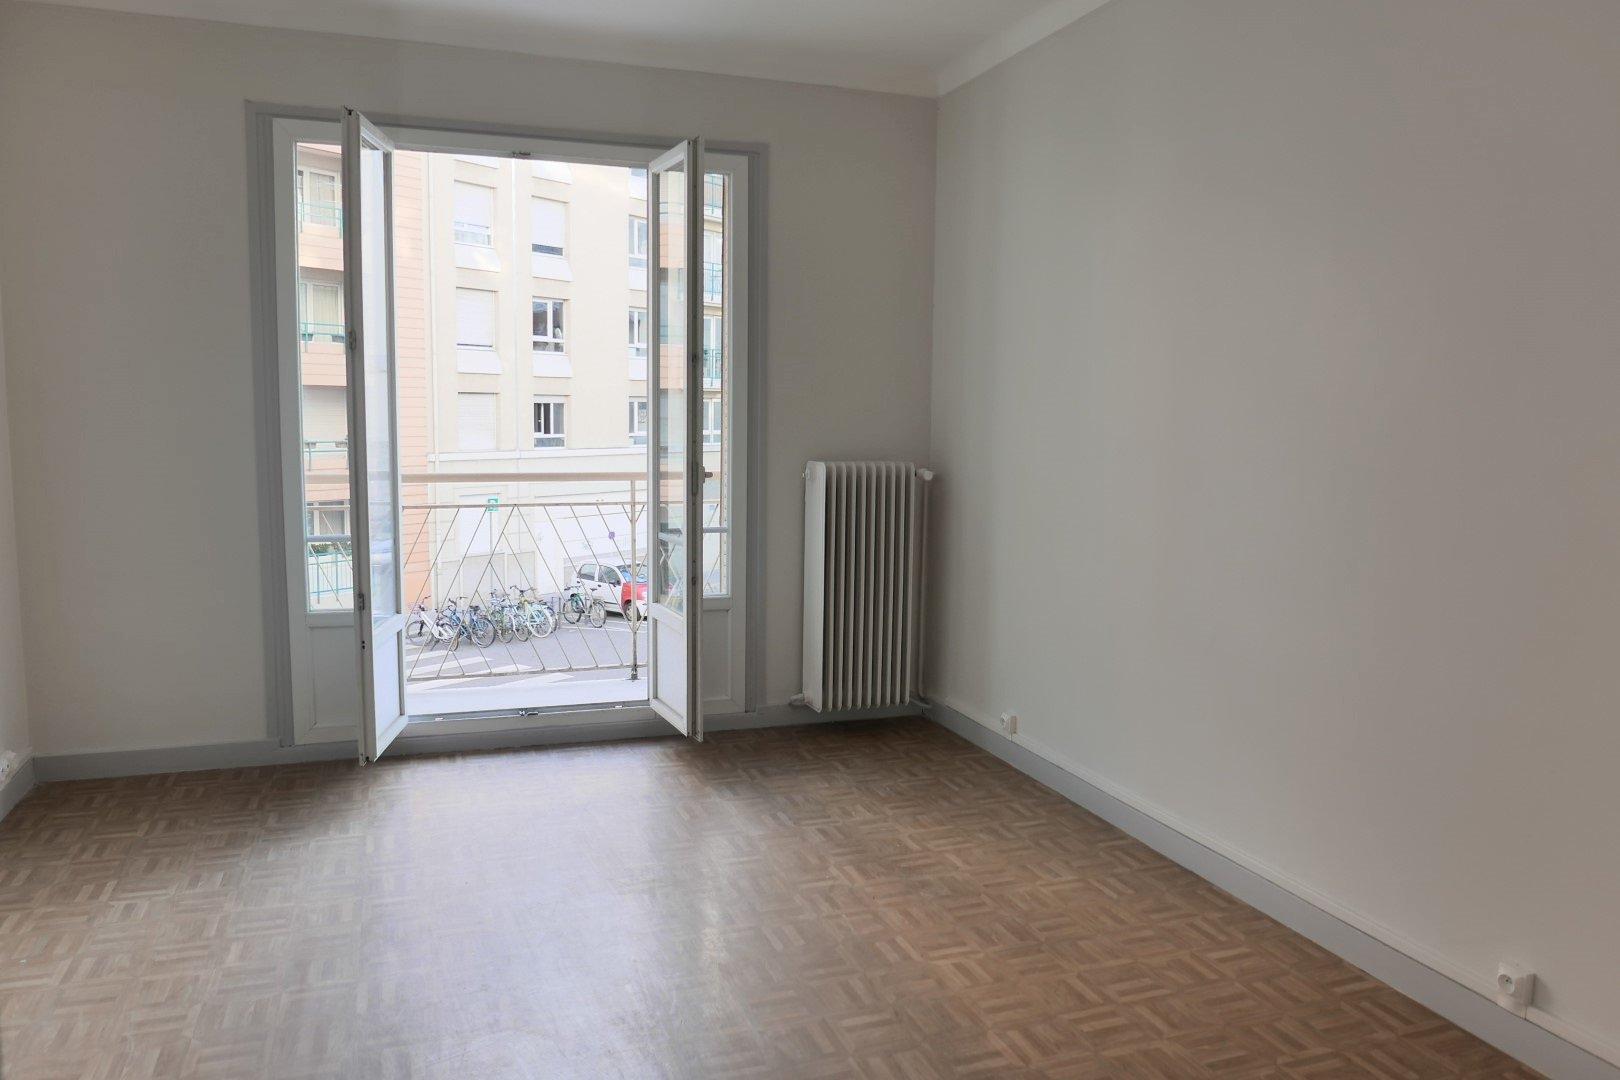 Achat Appartement Surface de 76.93 m²/ Total carrez : 60 m², 3 pièces, Lyon 7ème (69007)